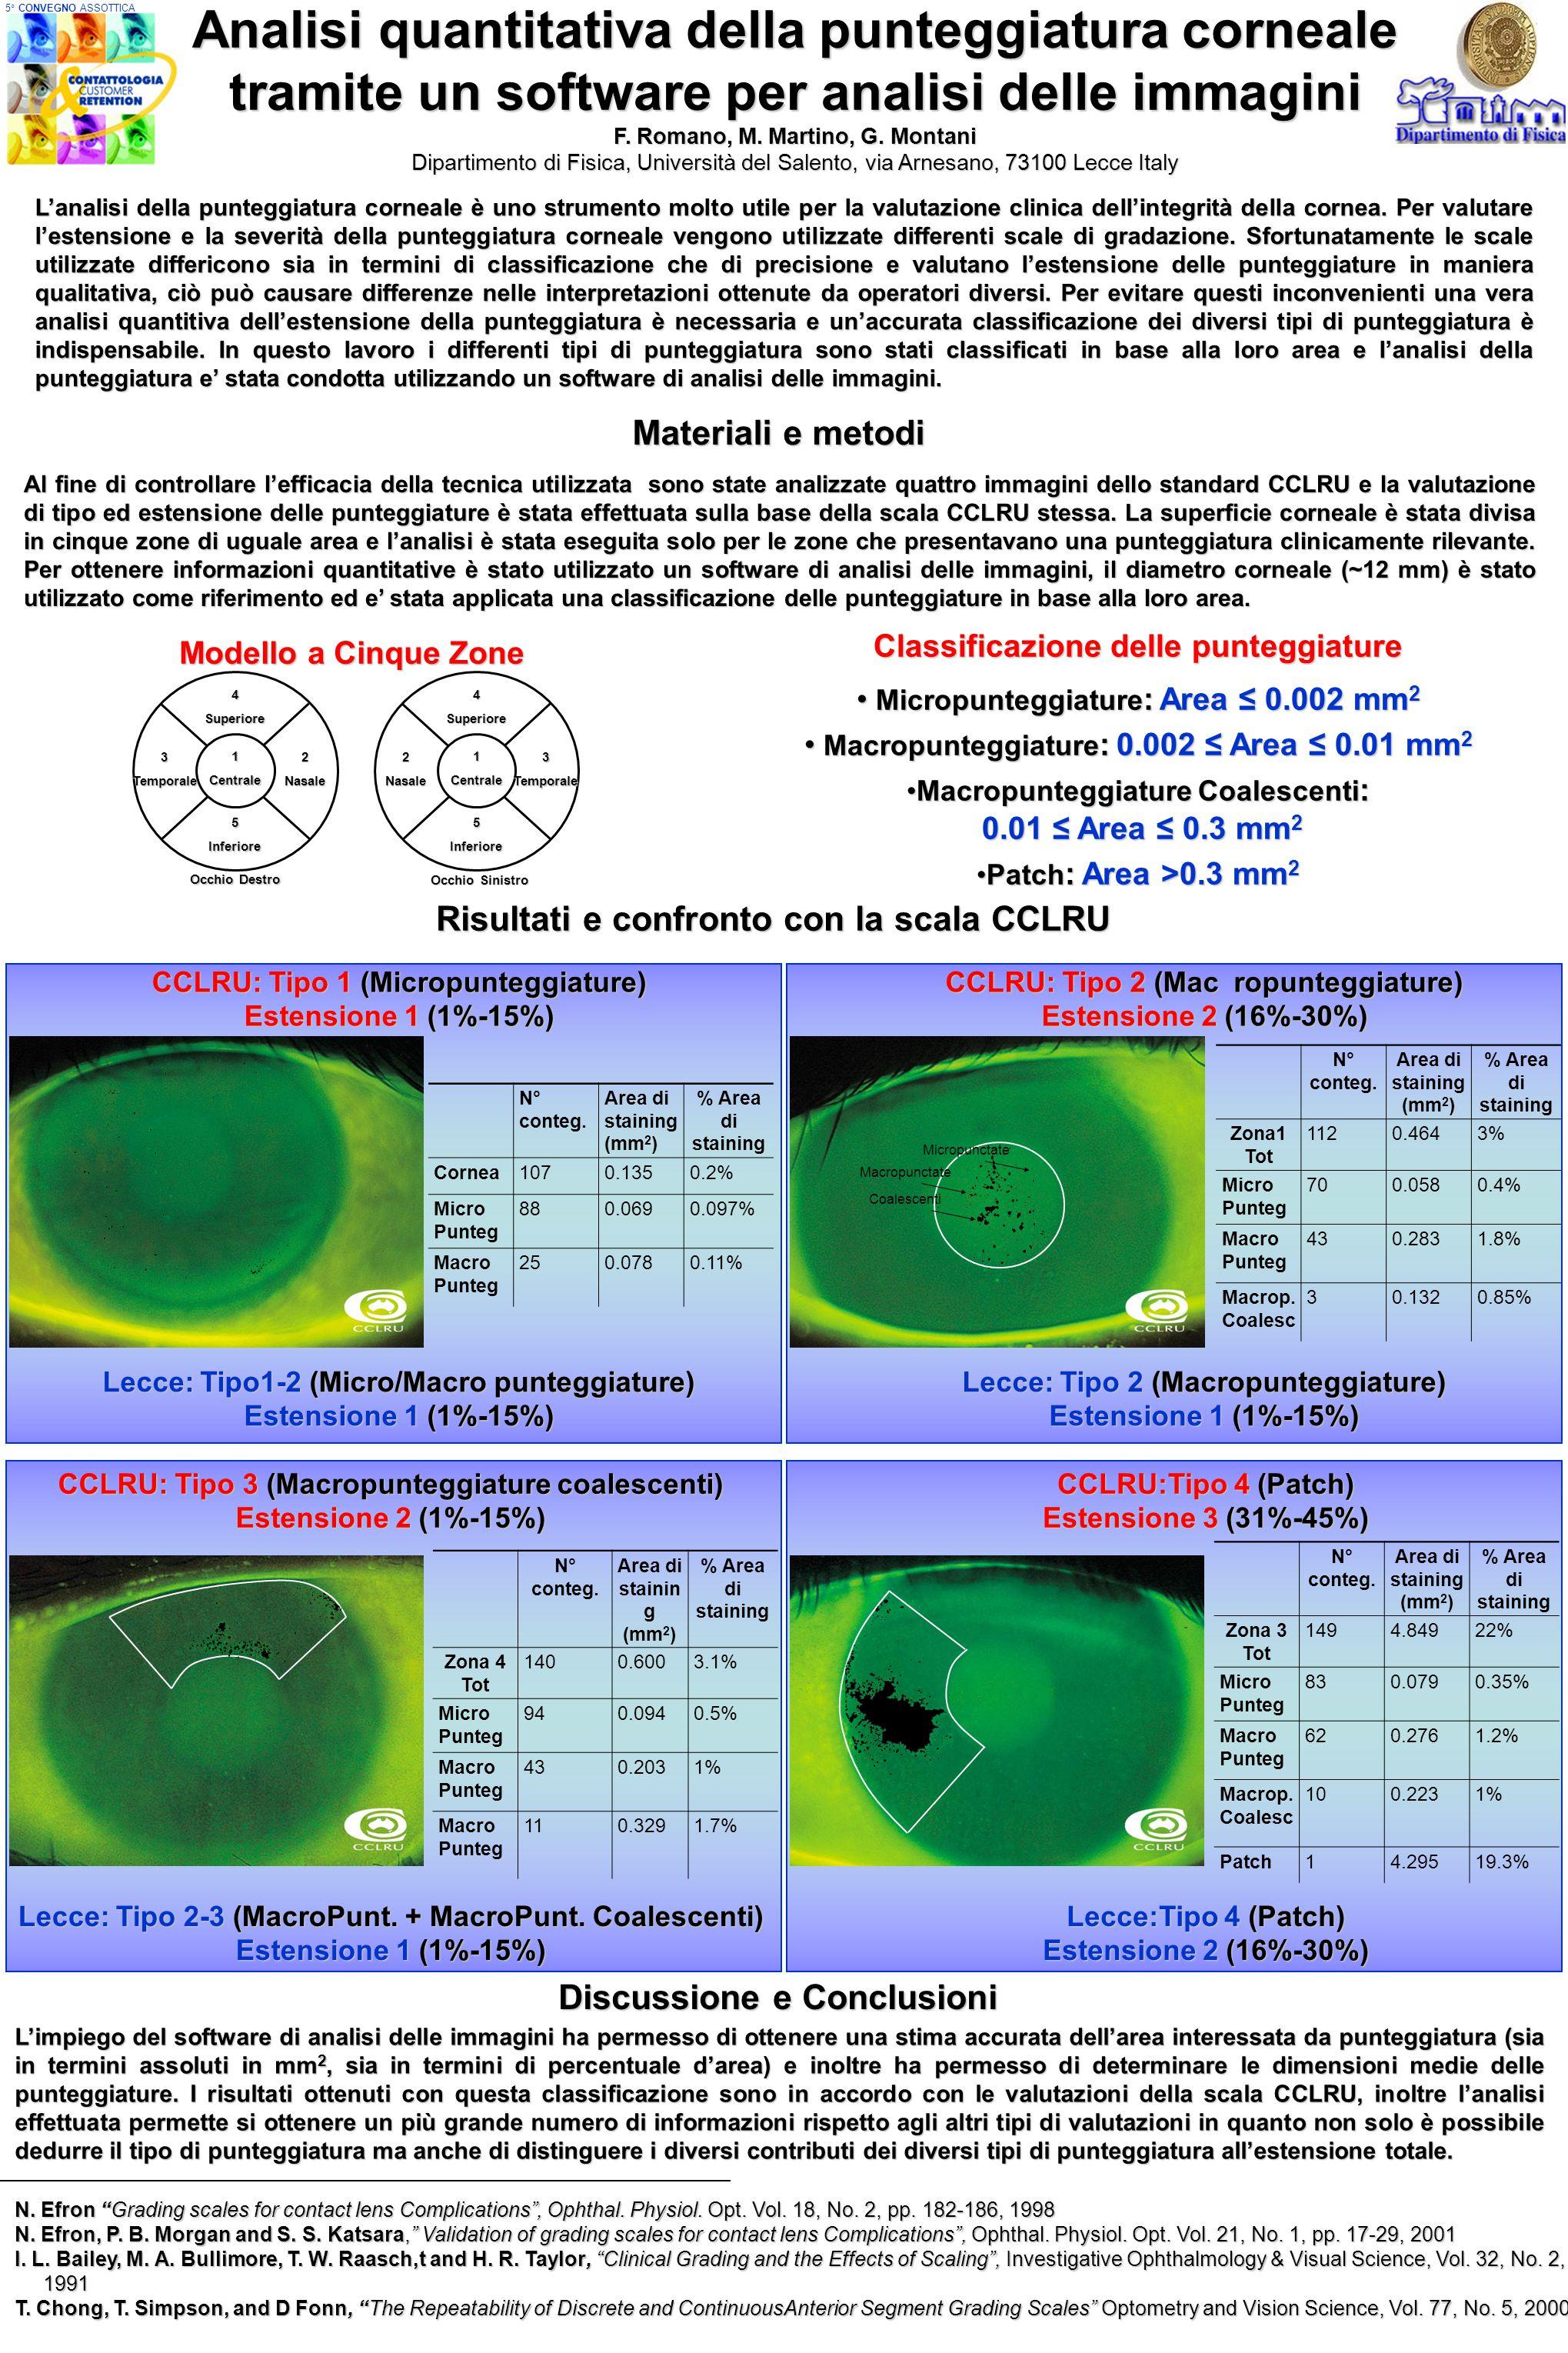 Analisi quantitativa della punteggiatura corneale tramite un software per analisi delle immagini